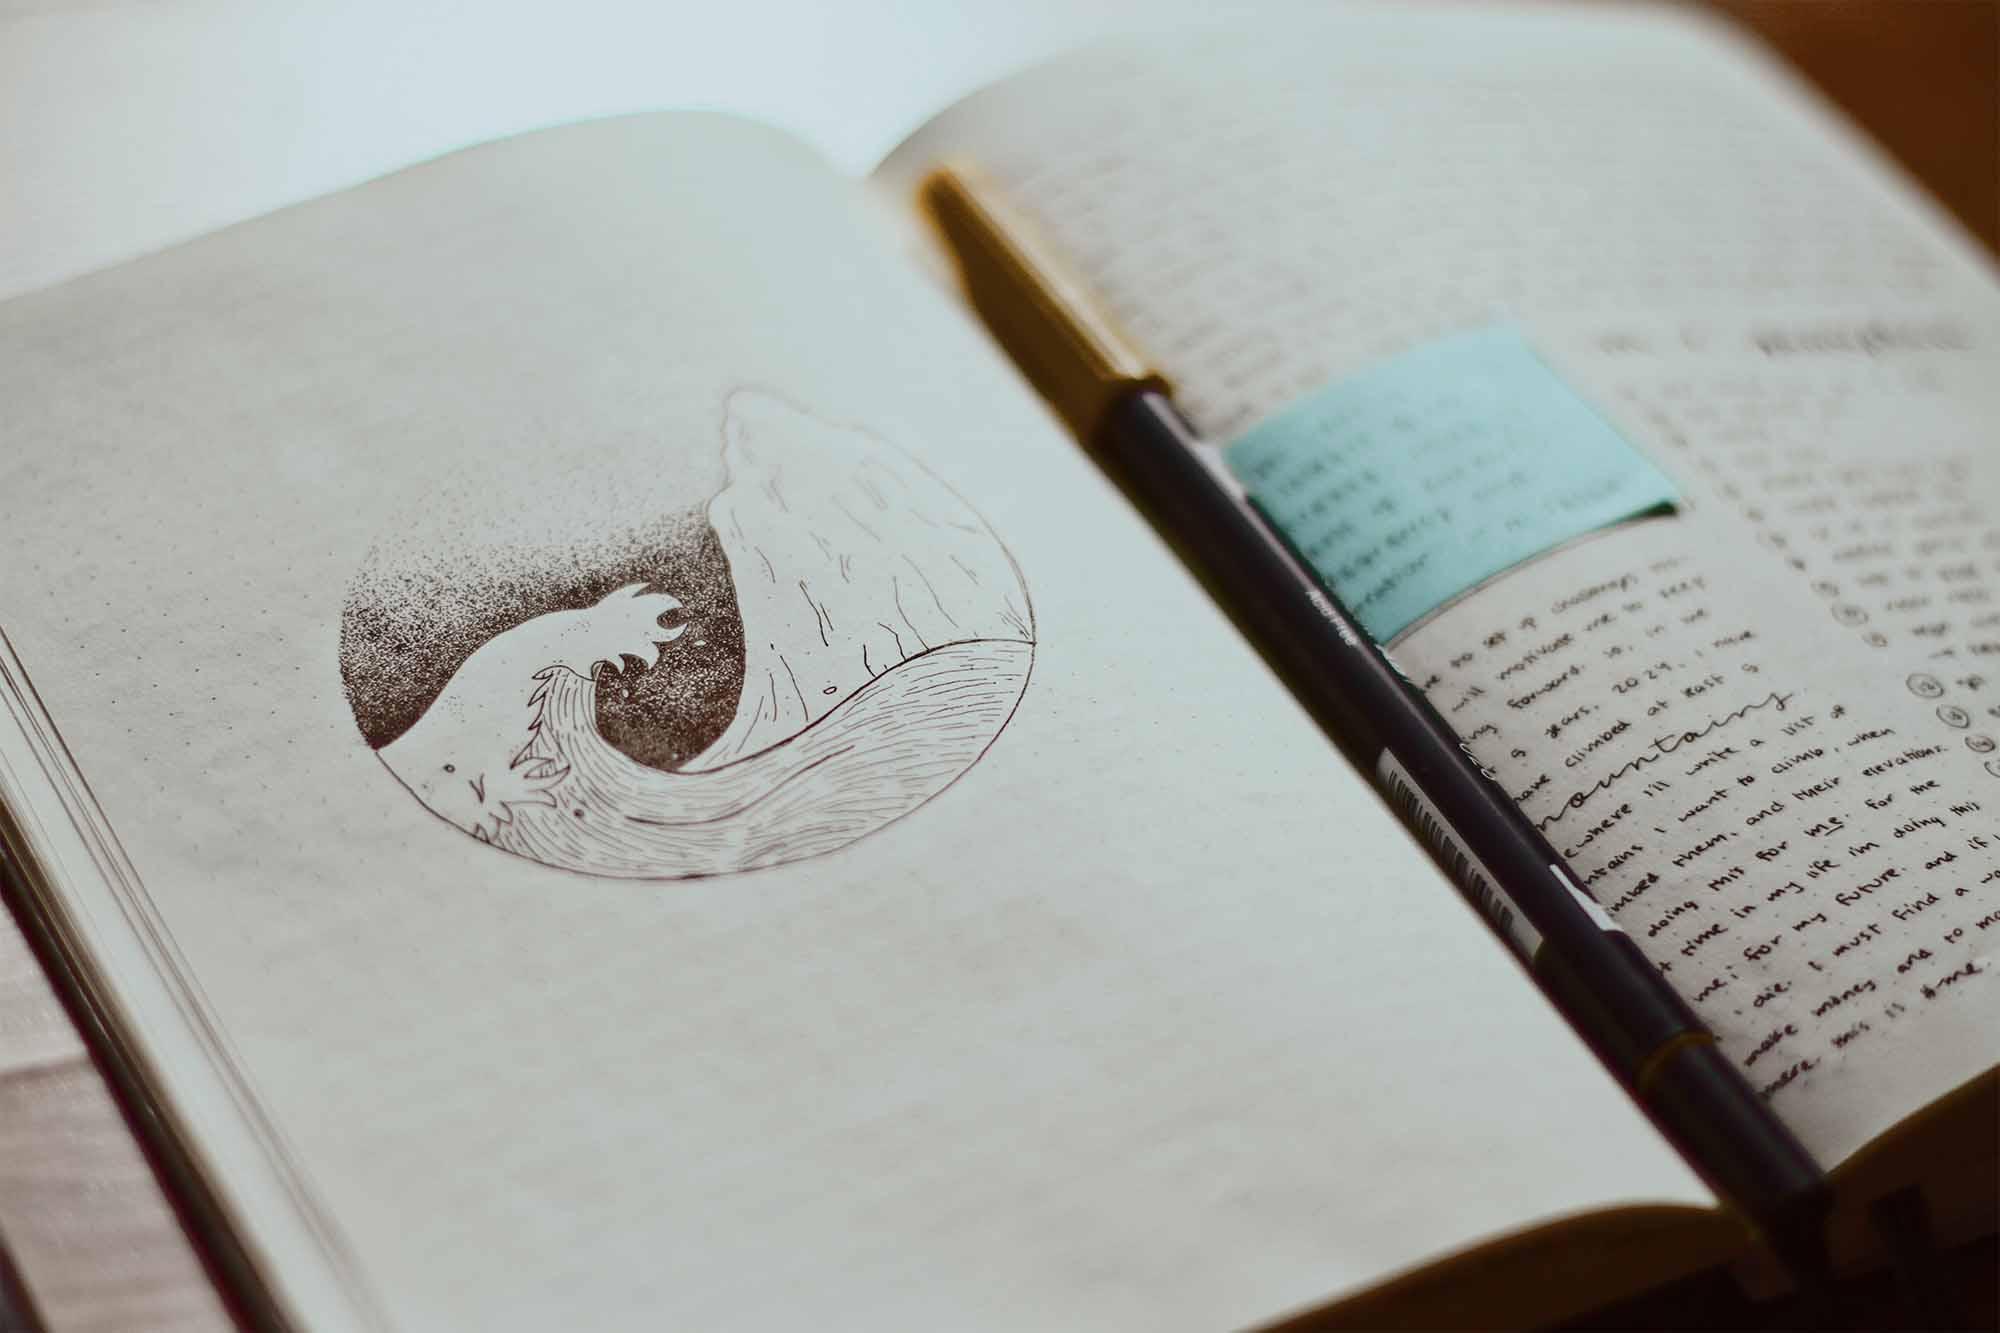 lettere - psicologa brescia